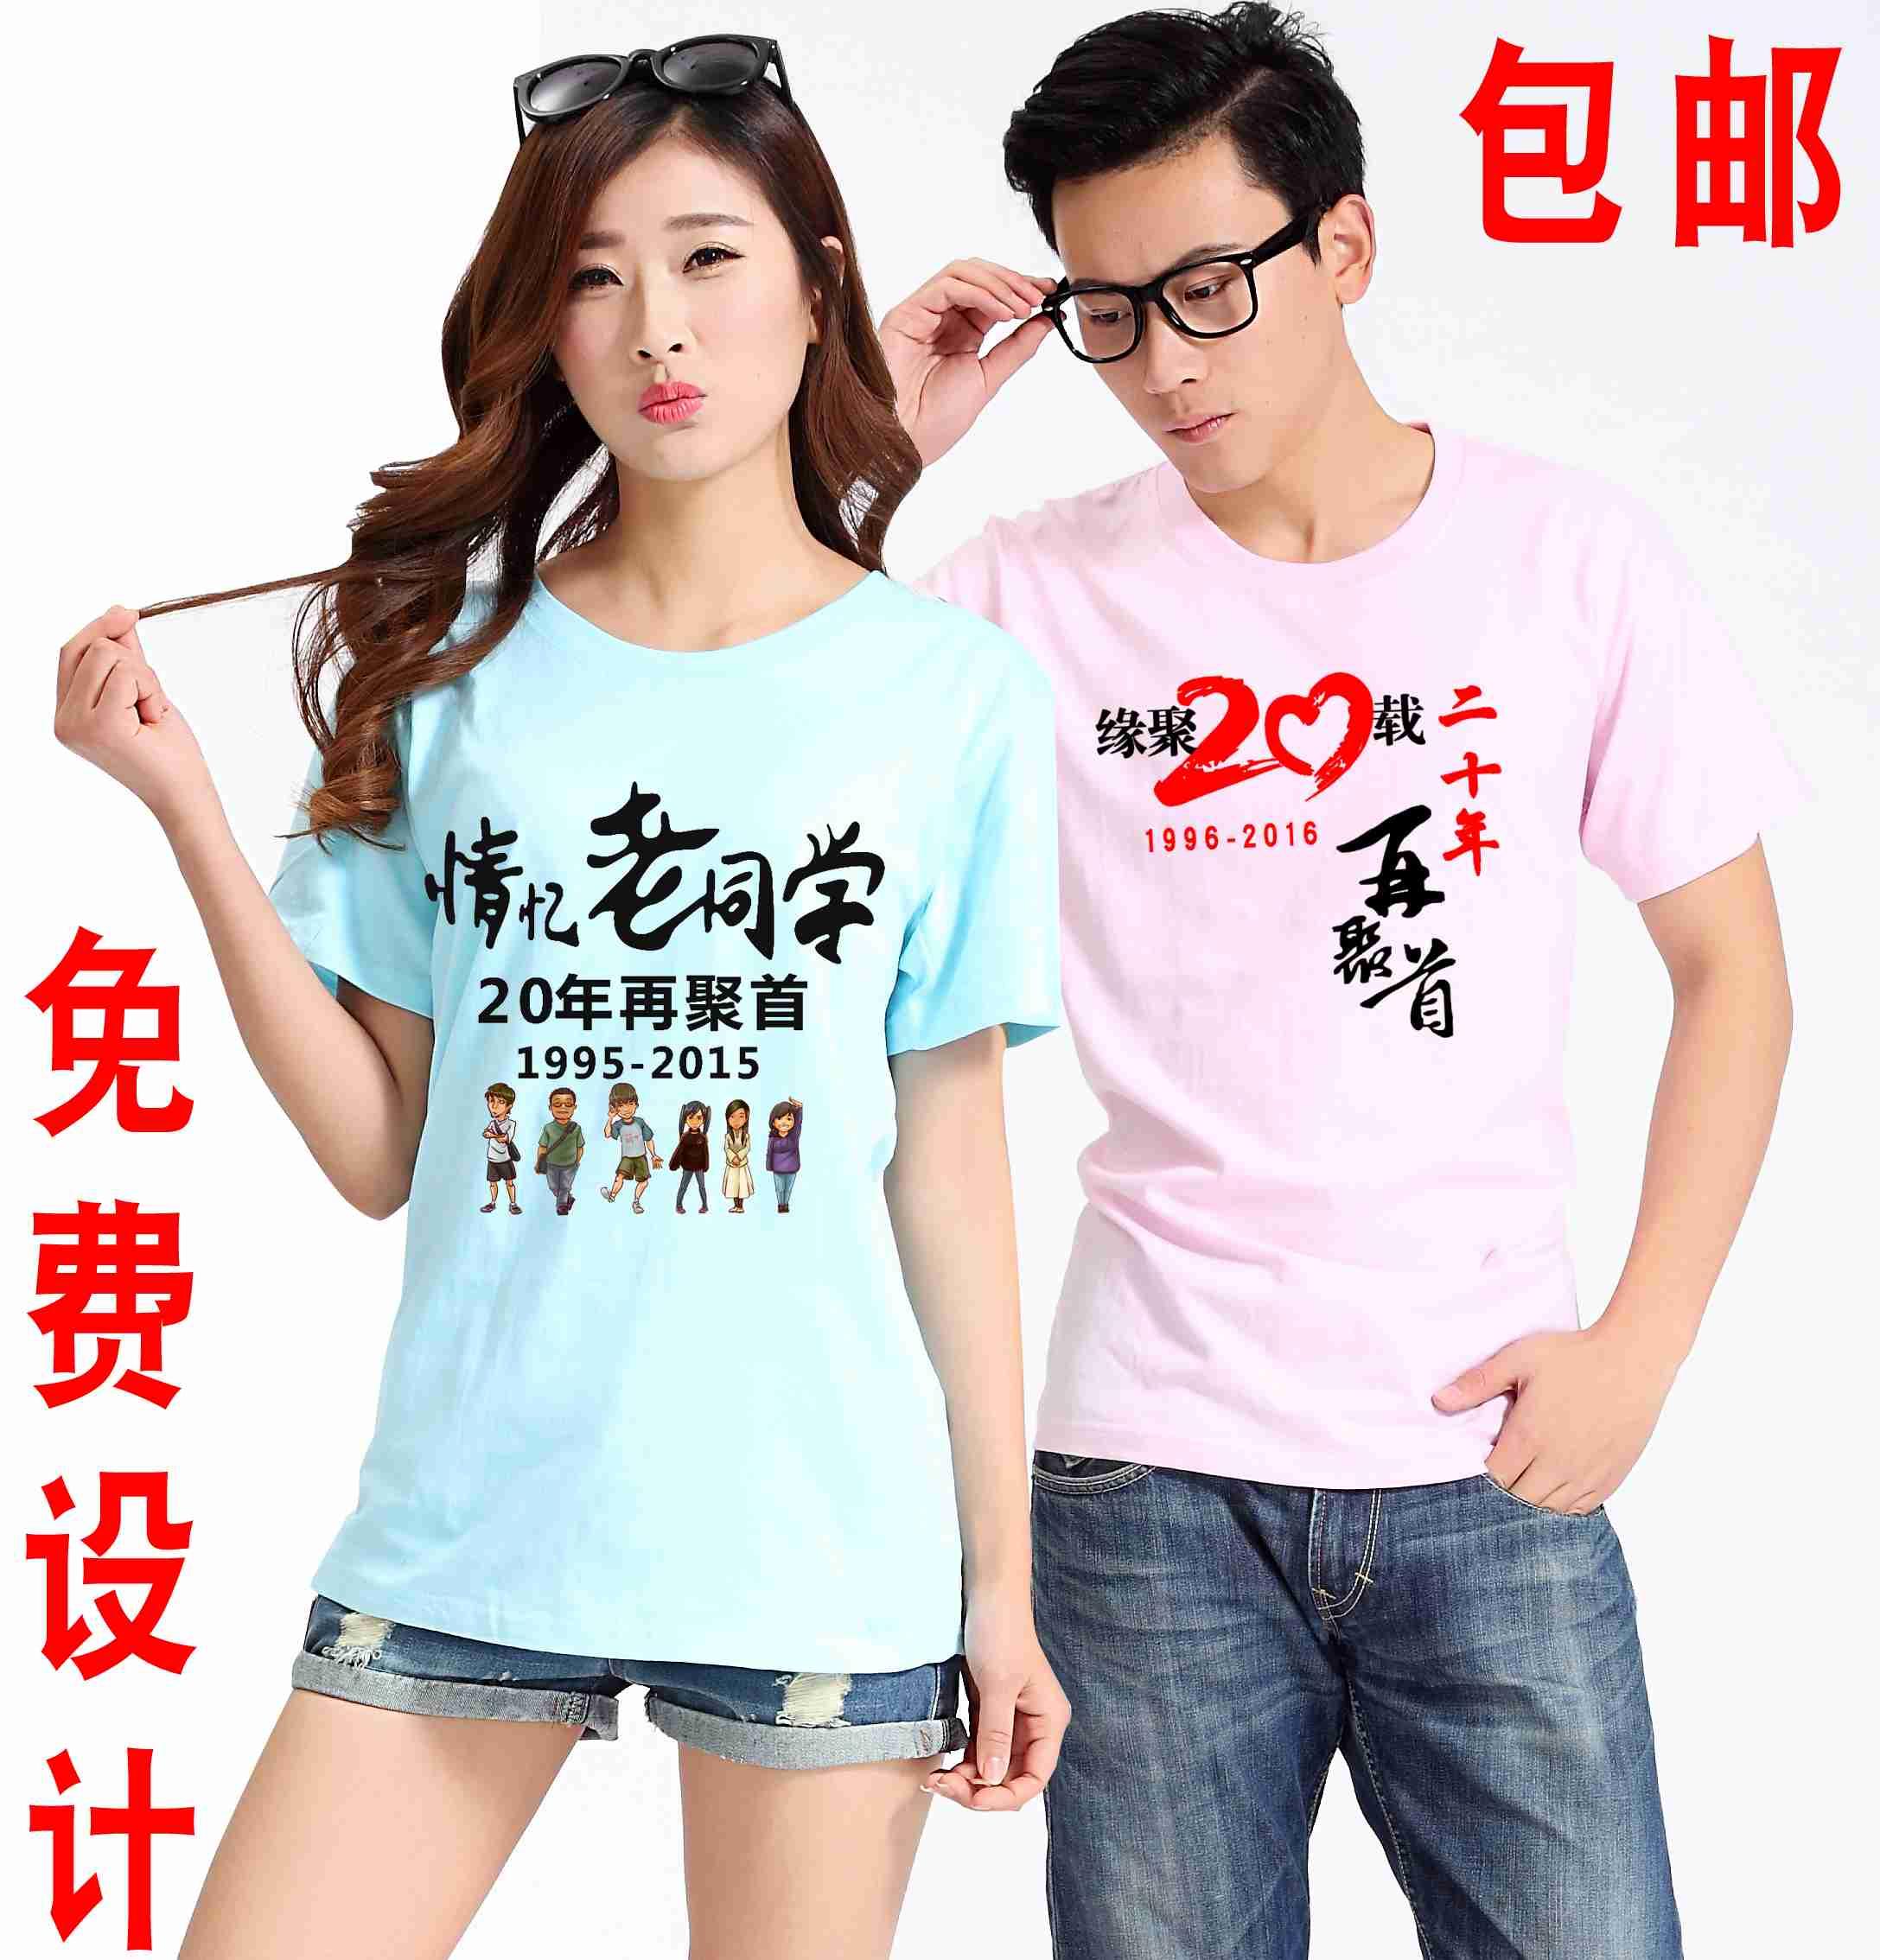 聚会T恤定制20年再聚首同学会长袖定做班服定制活动团体服广告衫